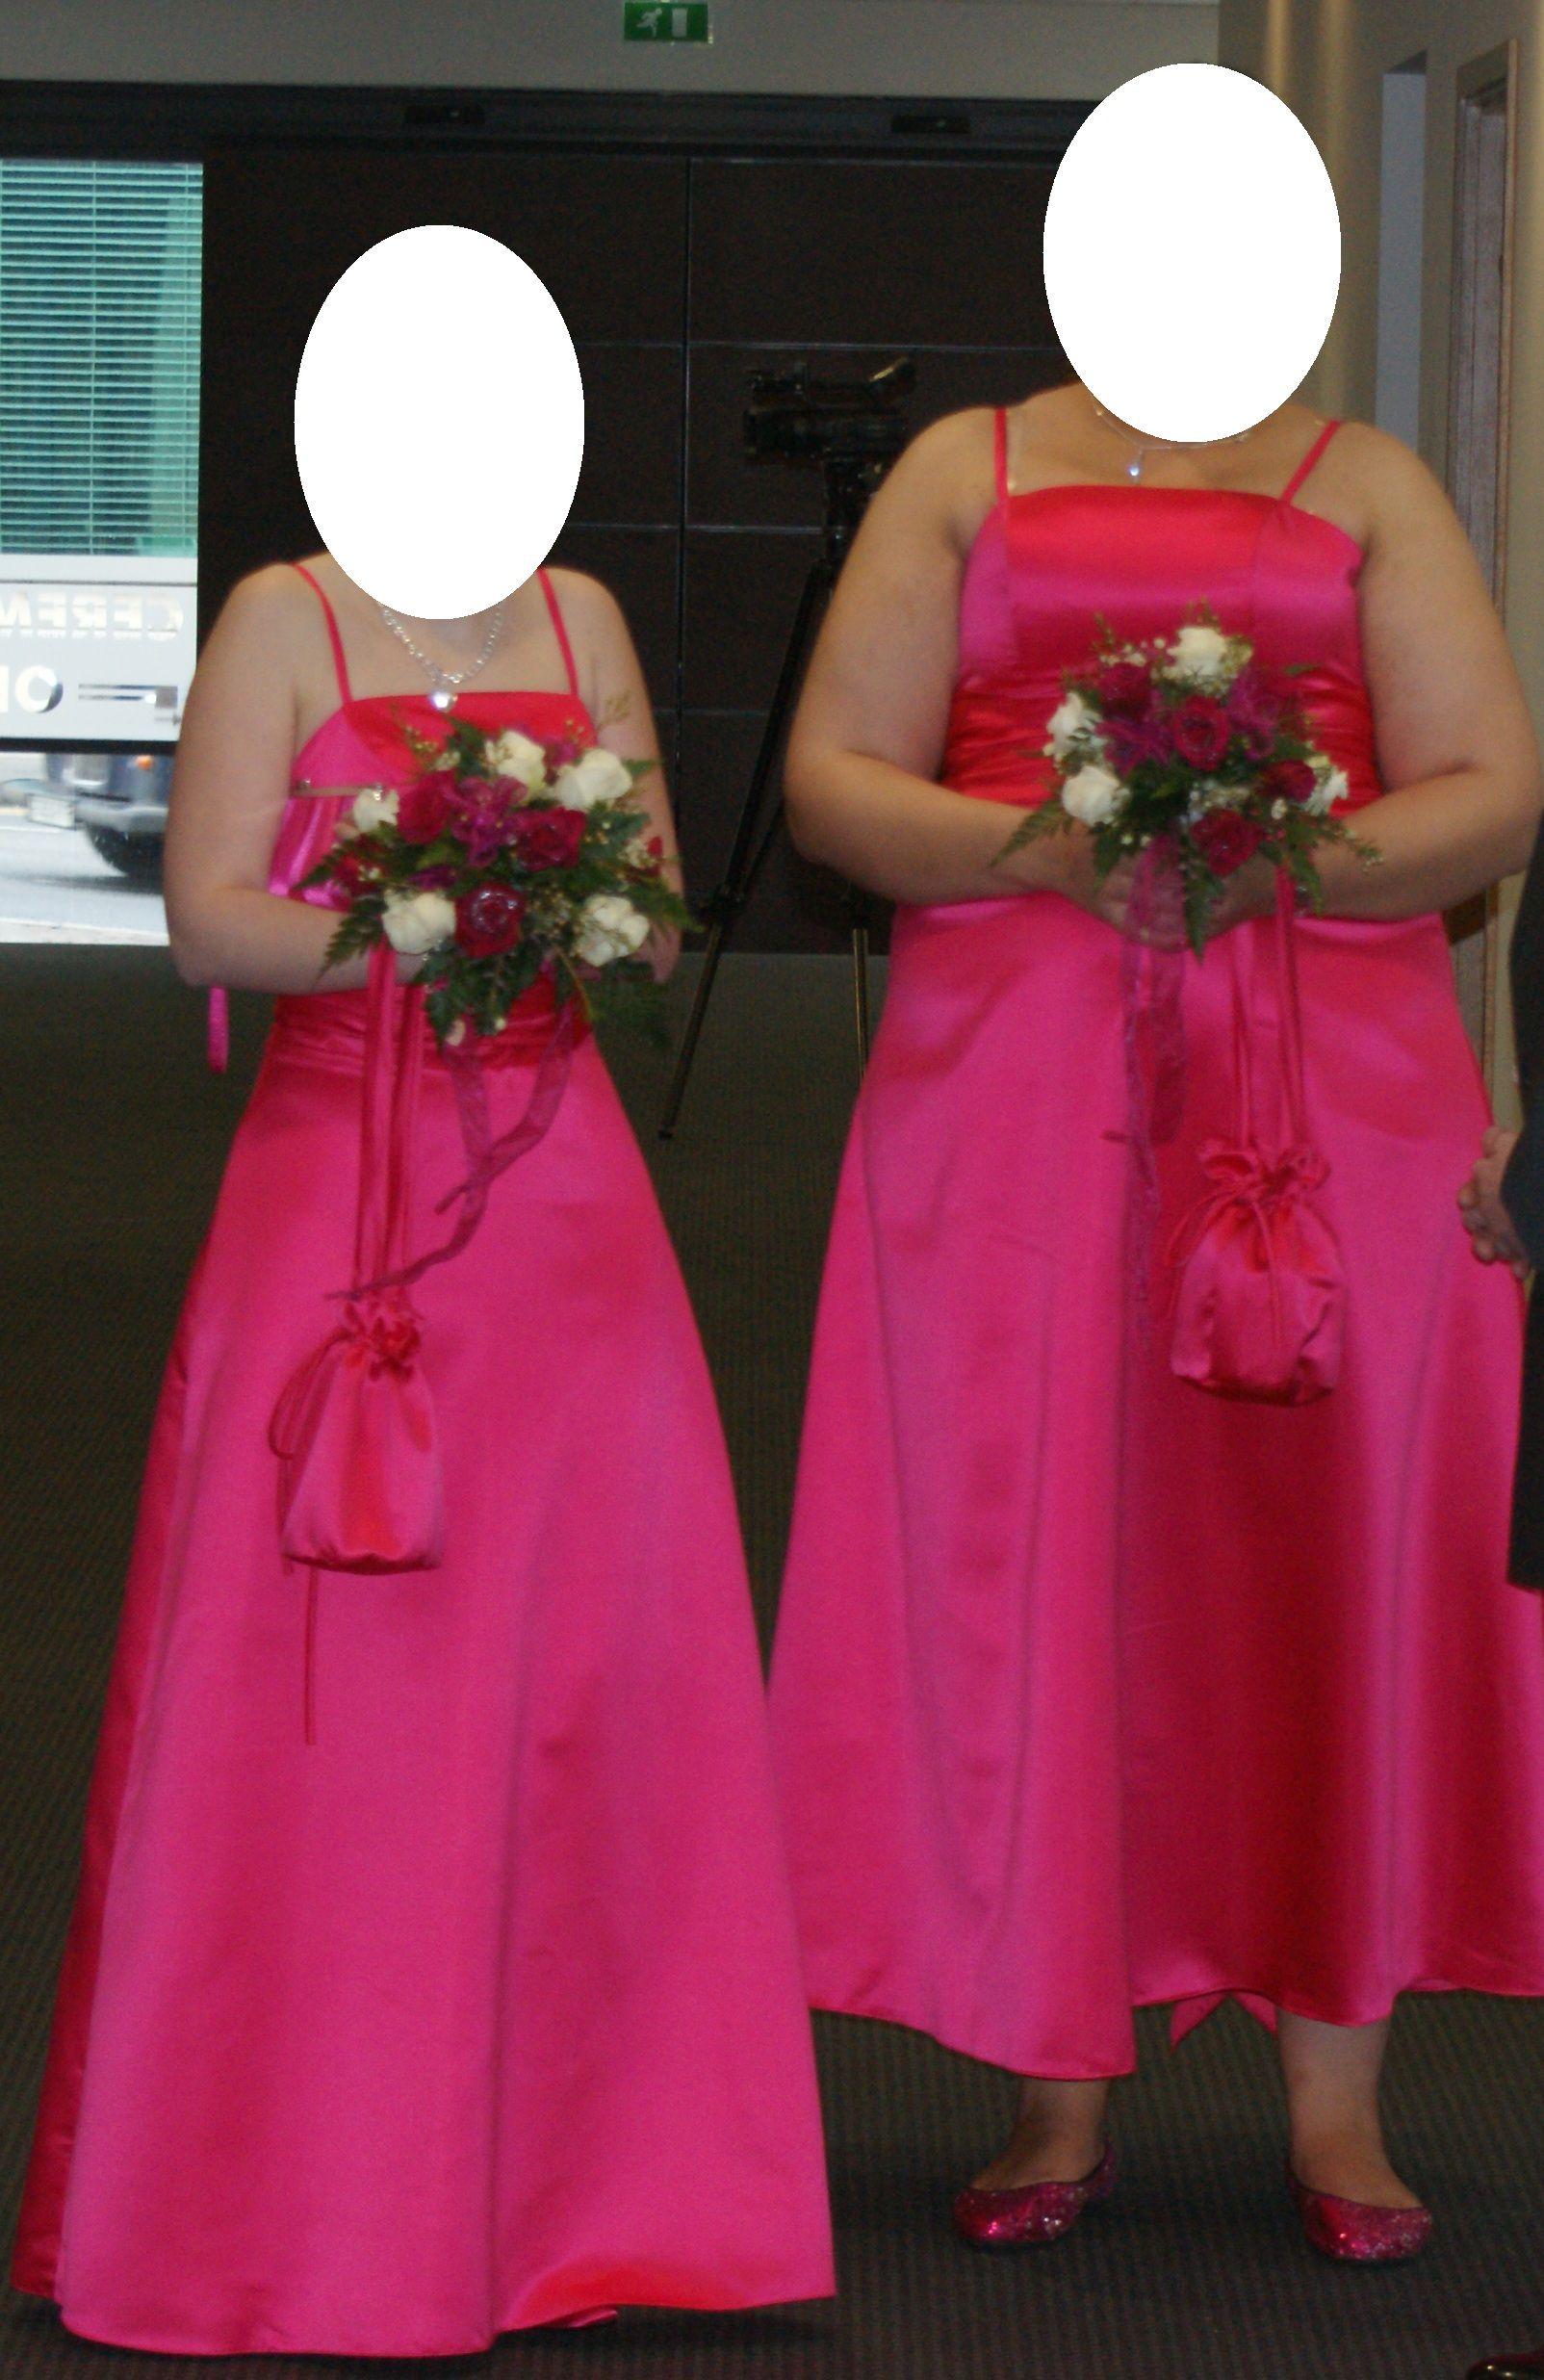 Hot pink bridesmaid dresses hot pink bridesmaid dress and dolly hot pink bridesmaid dresses hot pink bridesmaid dress and dolly bag ombrellifo Choice Image